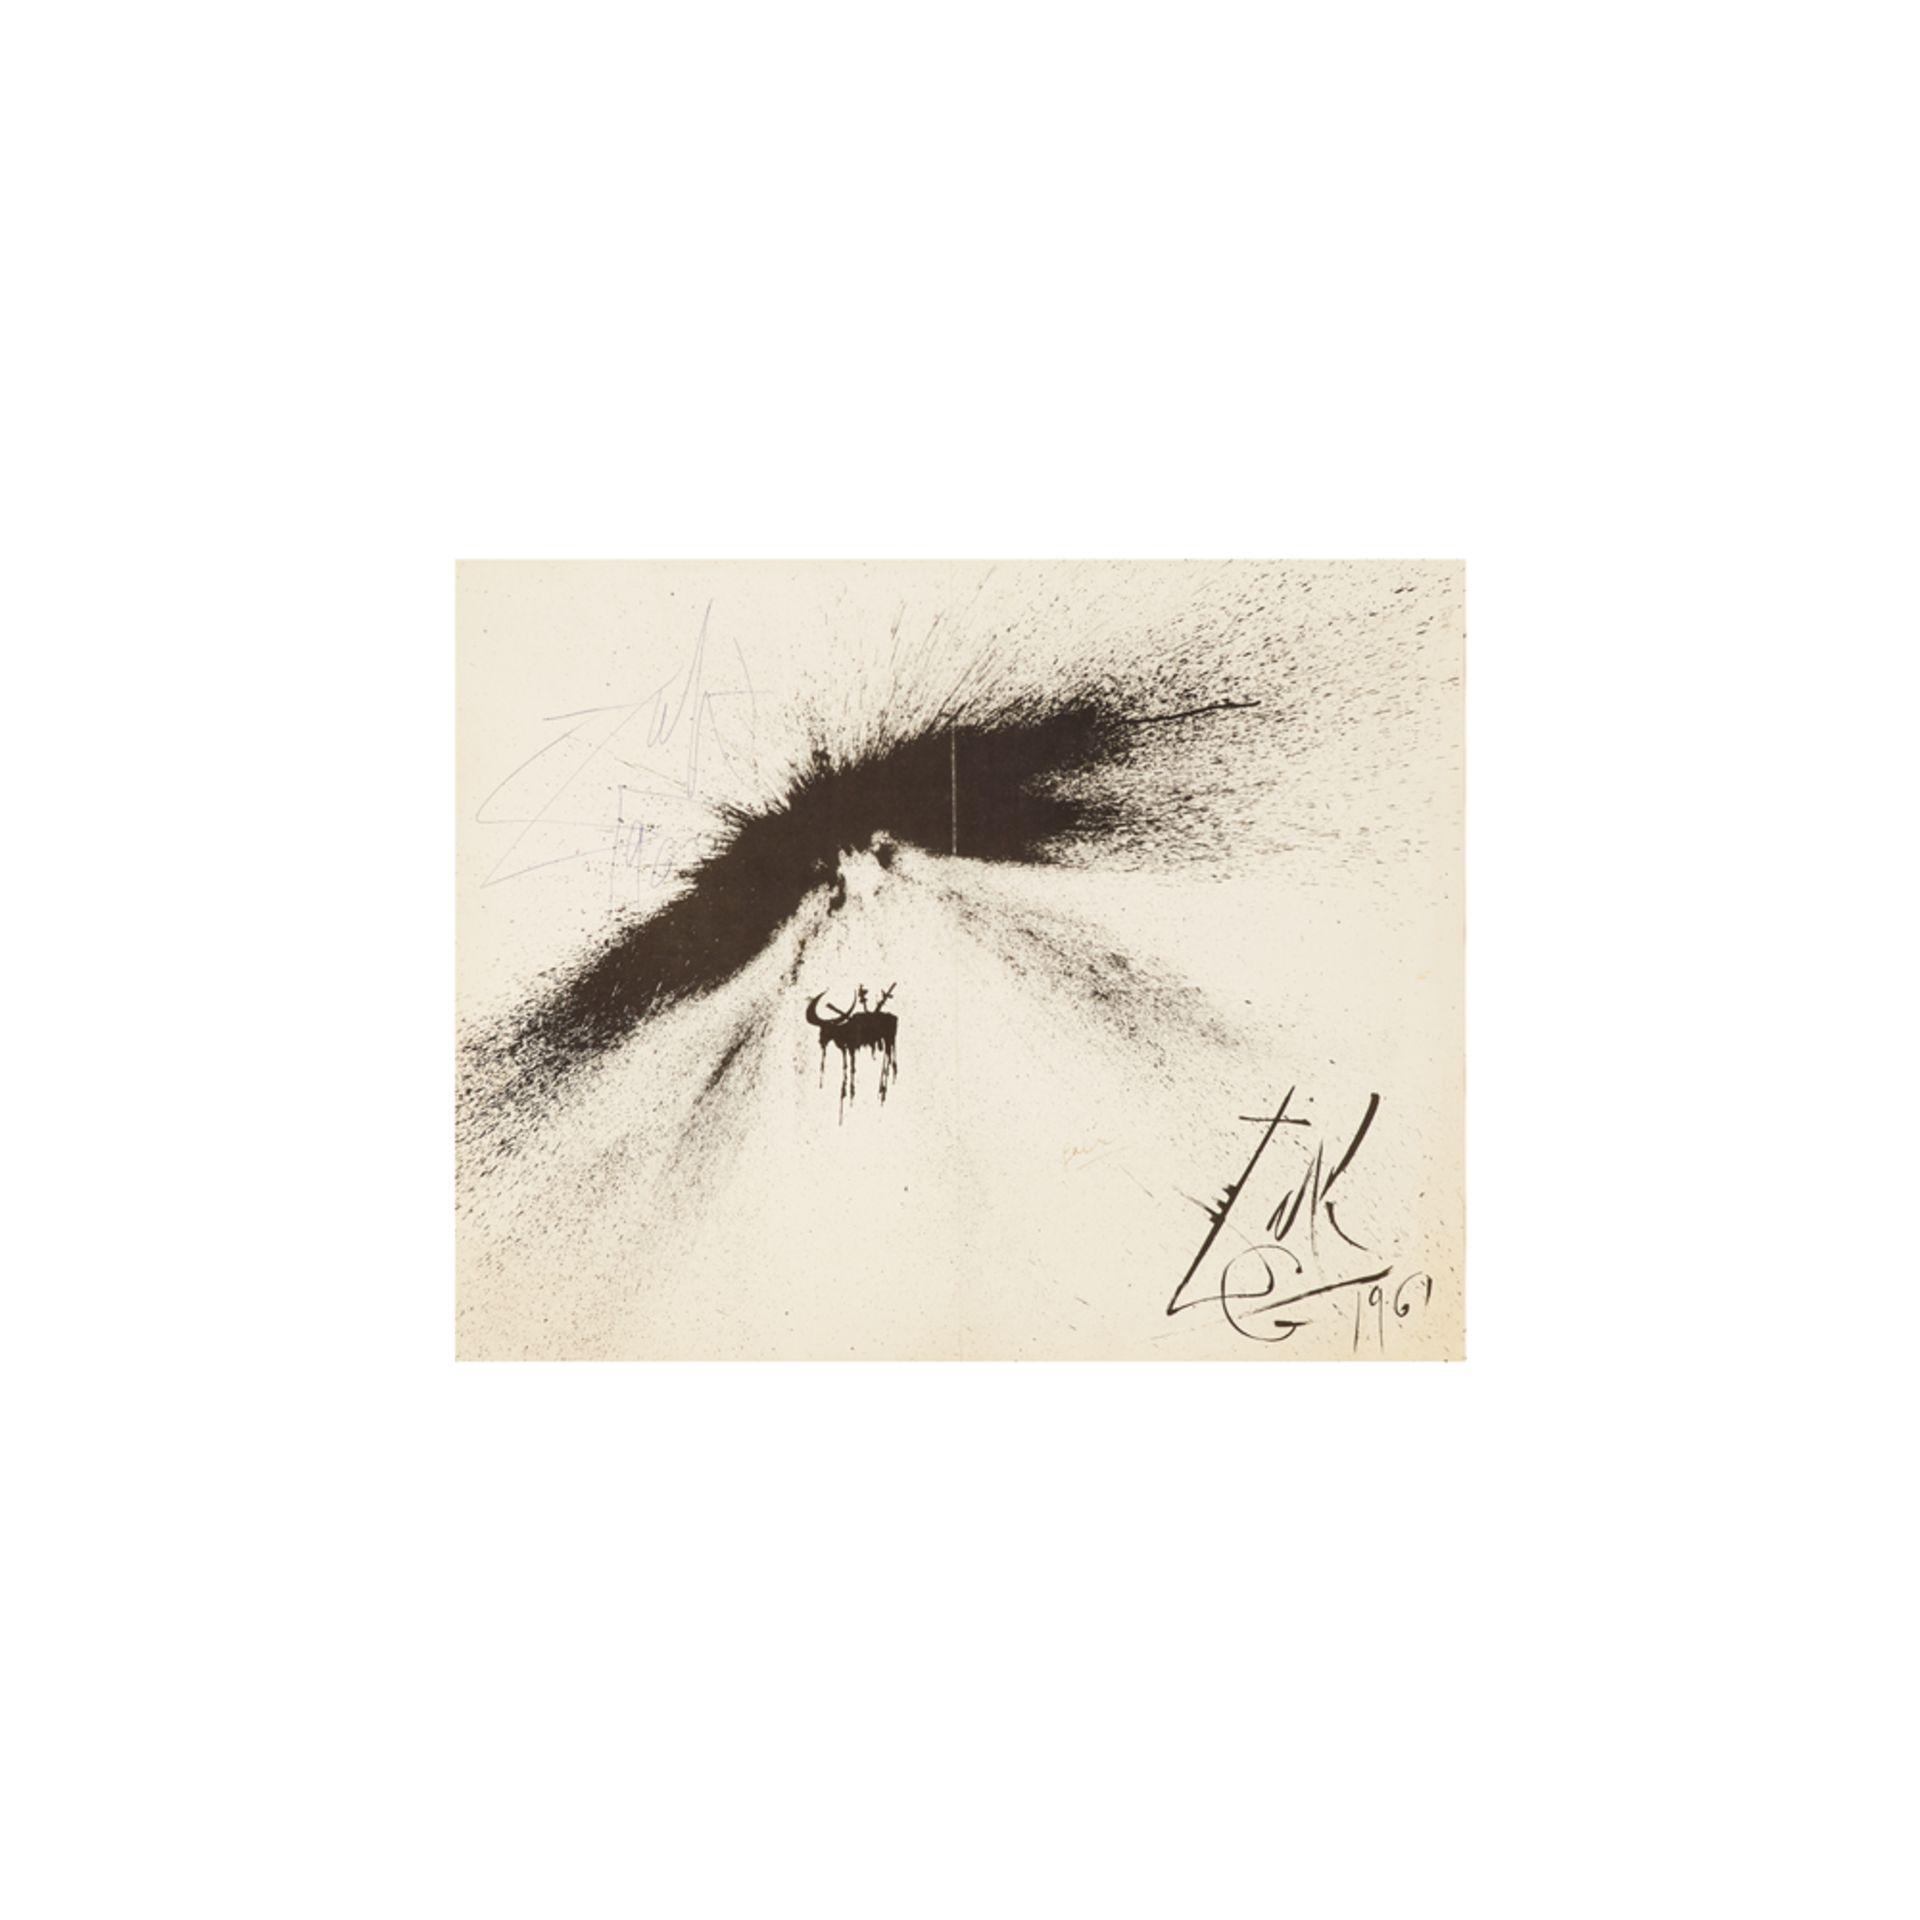 Los 37 - Salvador Dalí. Corrida de toros. Litografía.